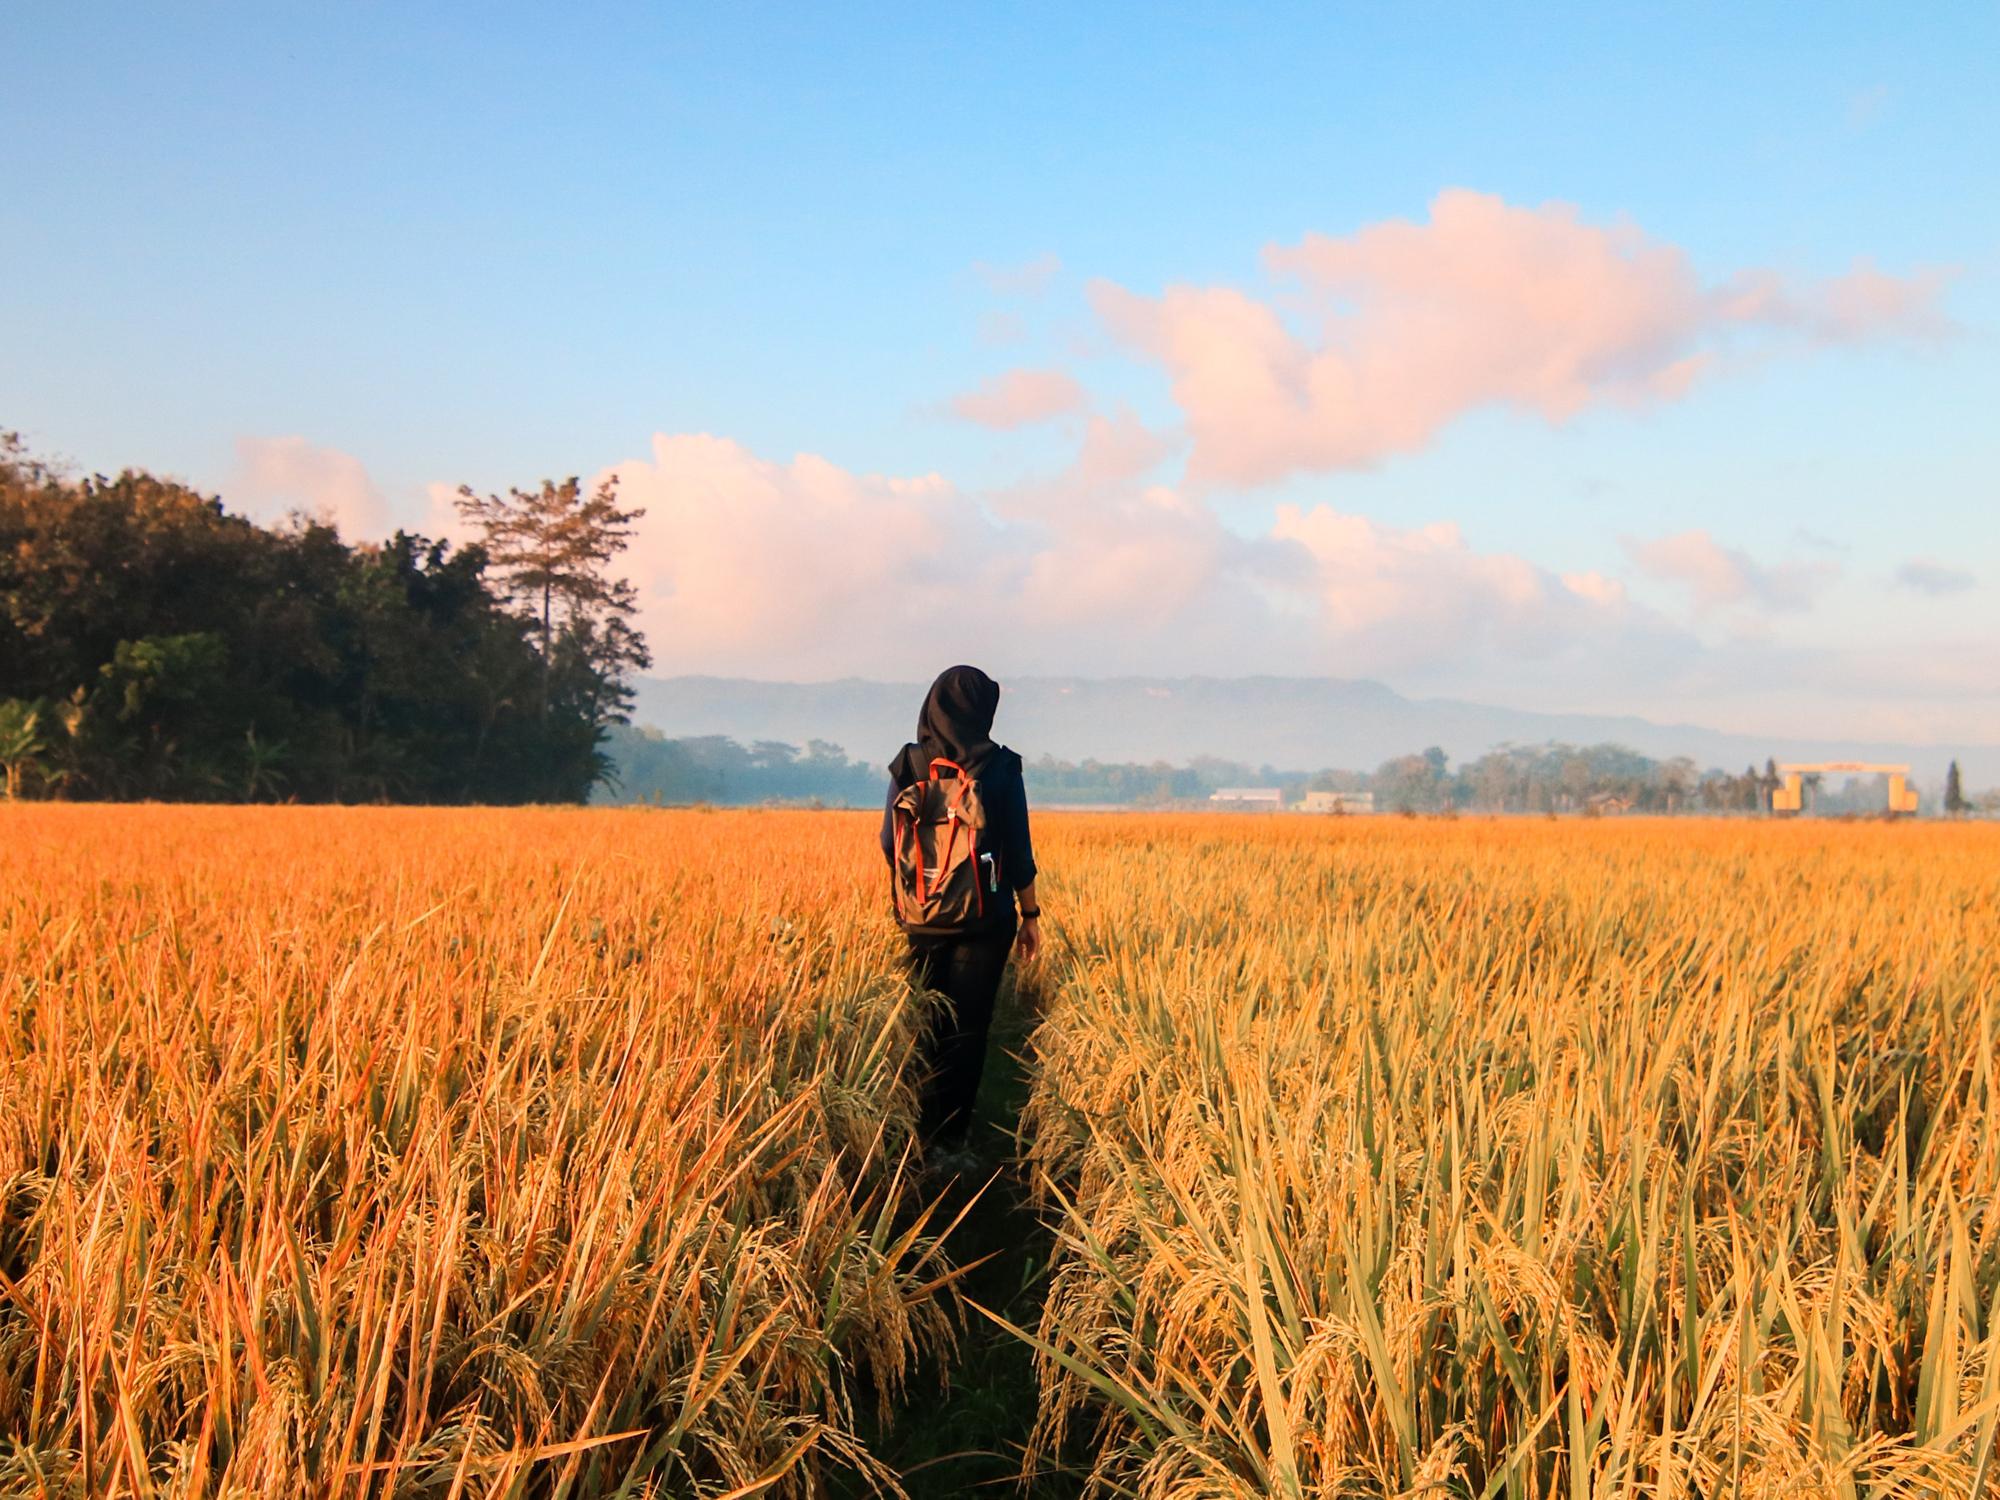 Pourquoi le voyage en solitaire vous transforme